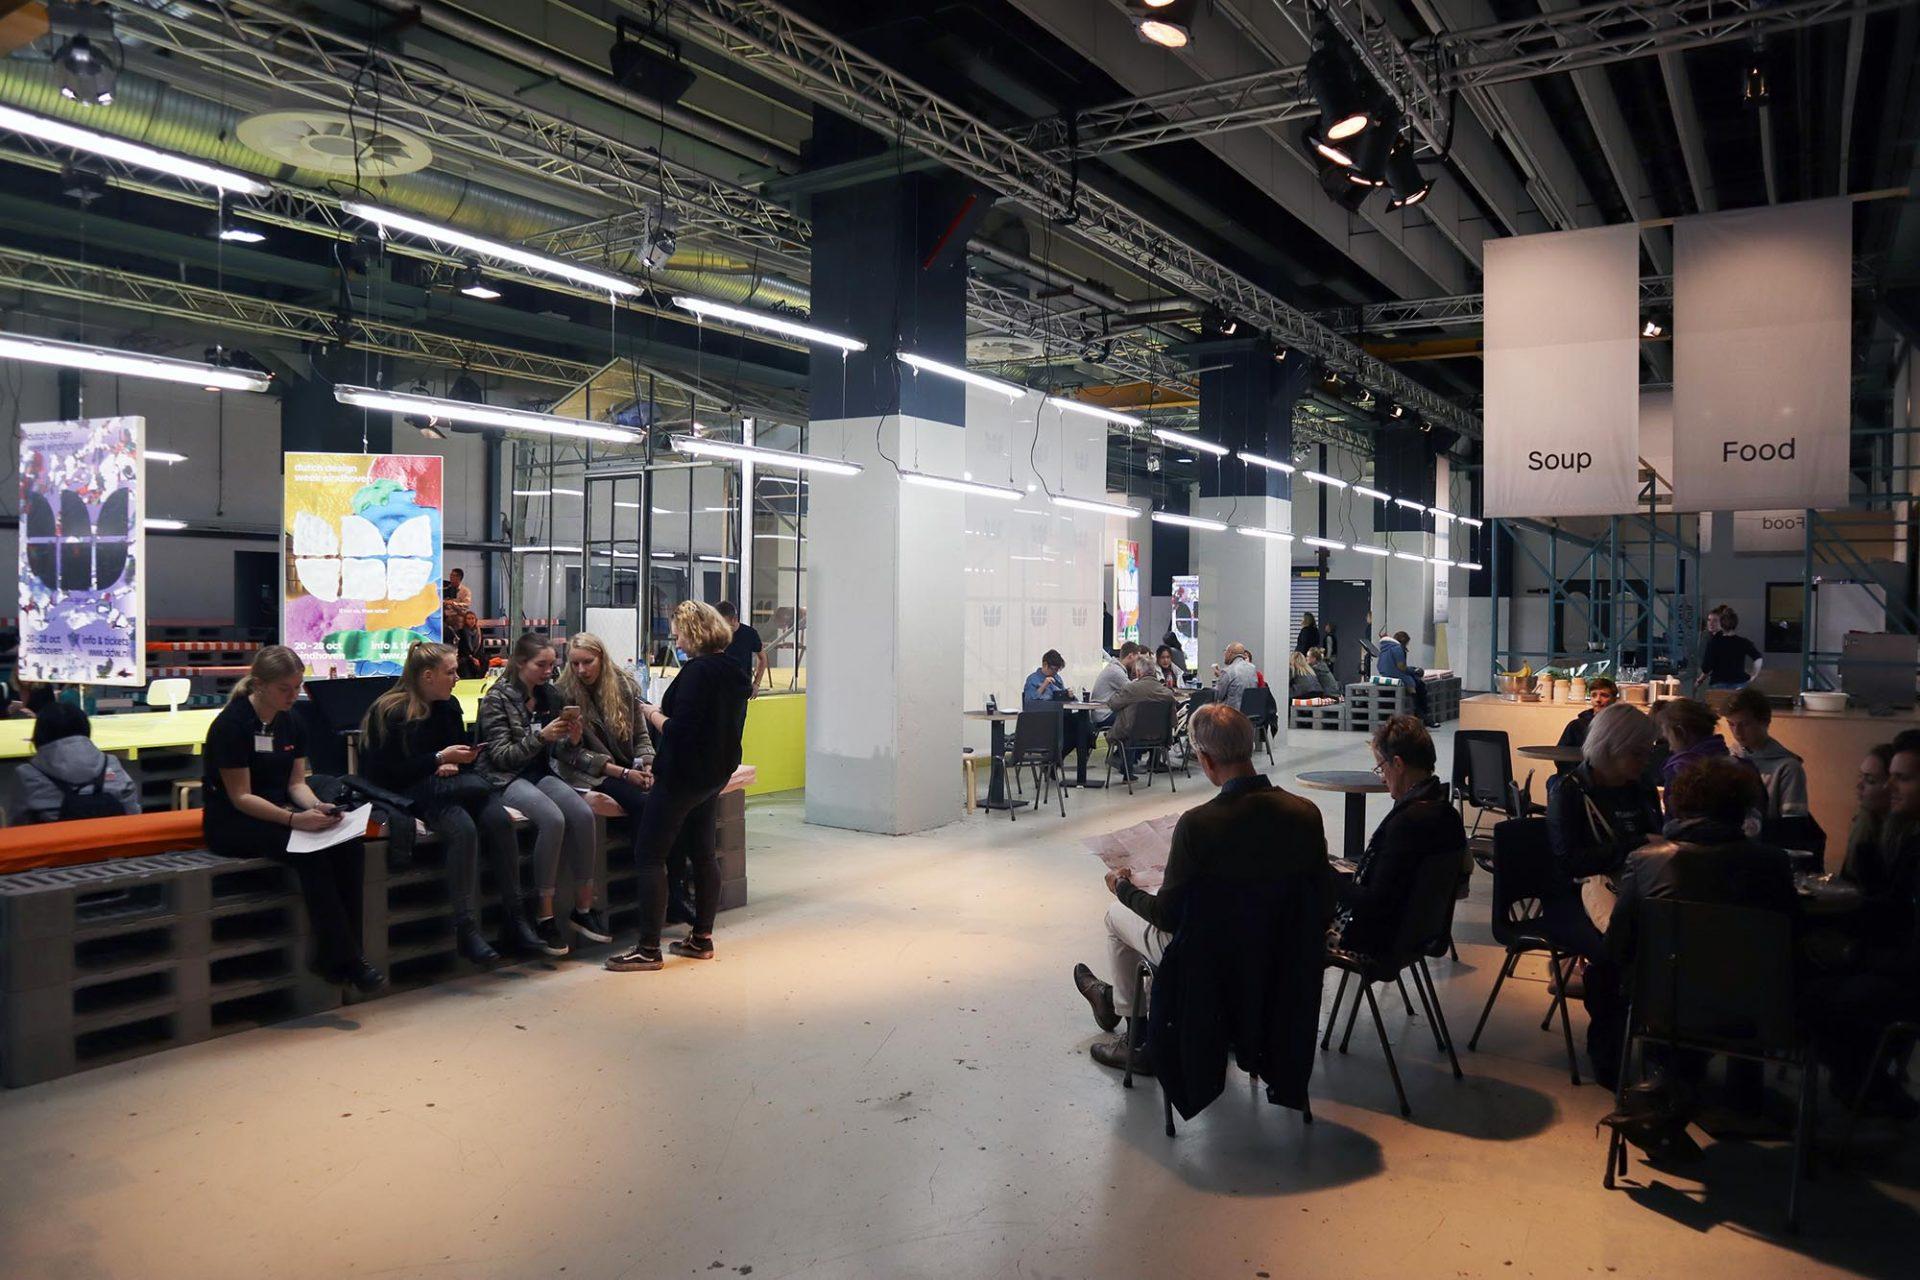 Strijp-S. Jeden Oktober kommen mehr als 200.000 Besucher zur größten Design Week Nordeuropas.